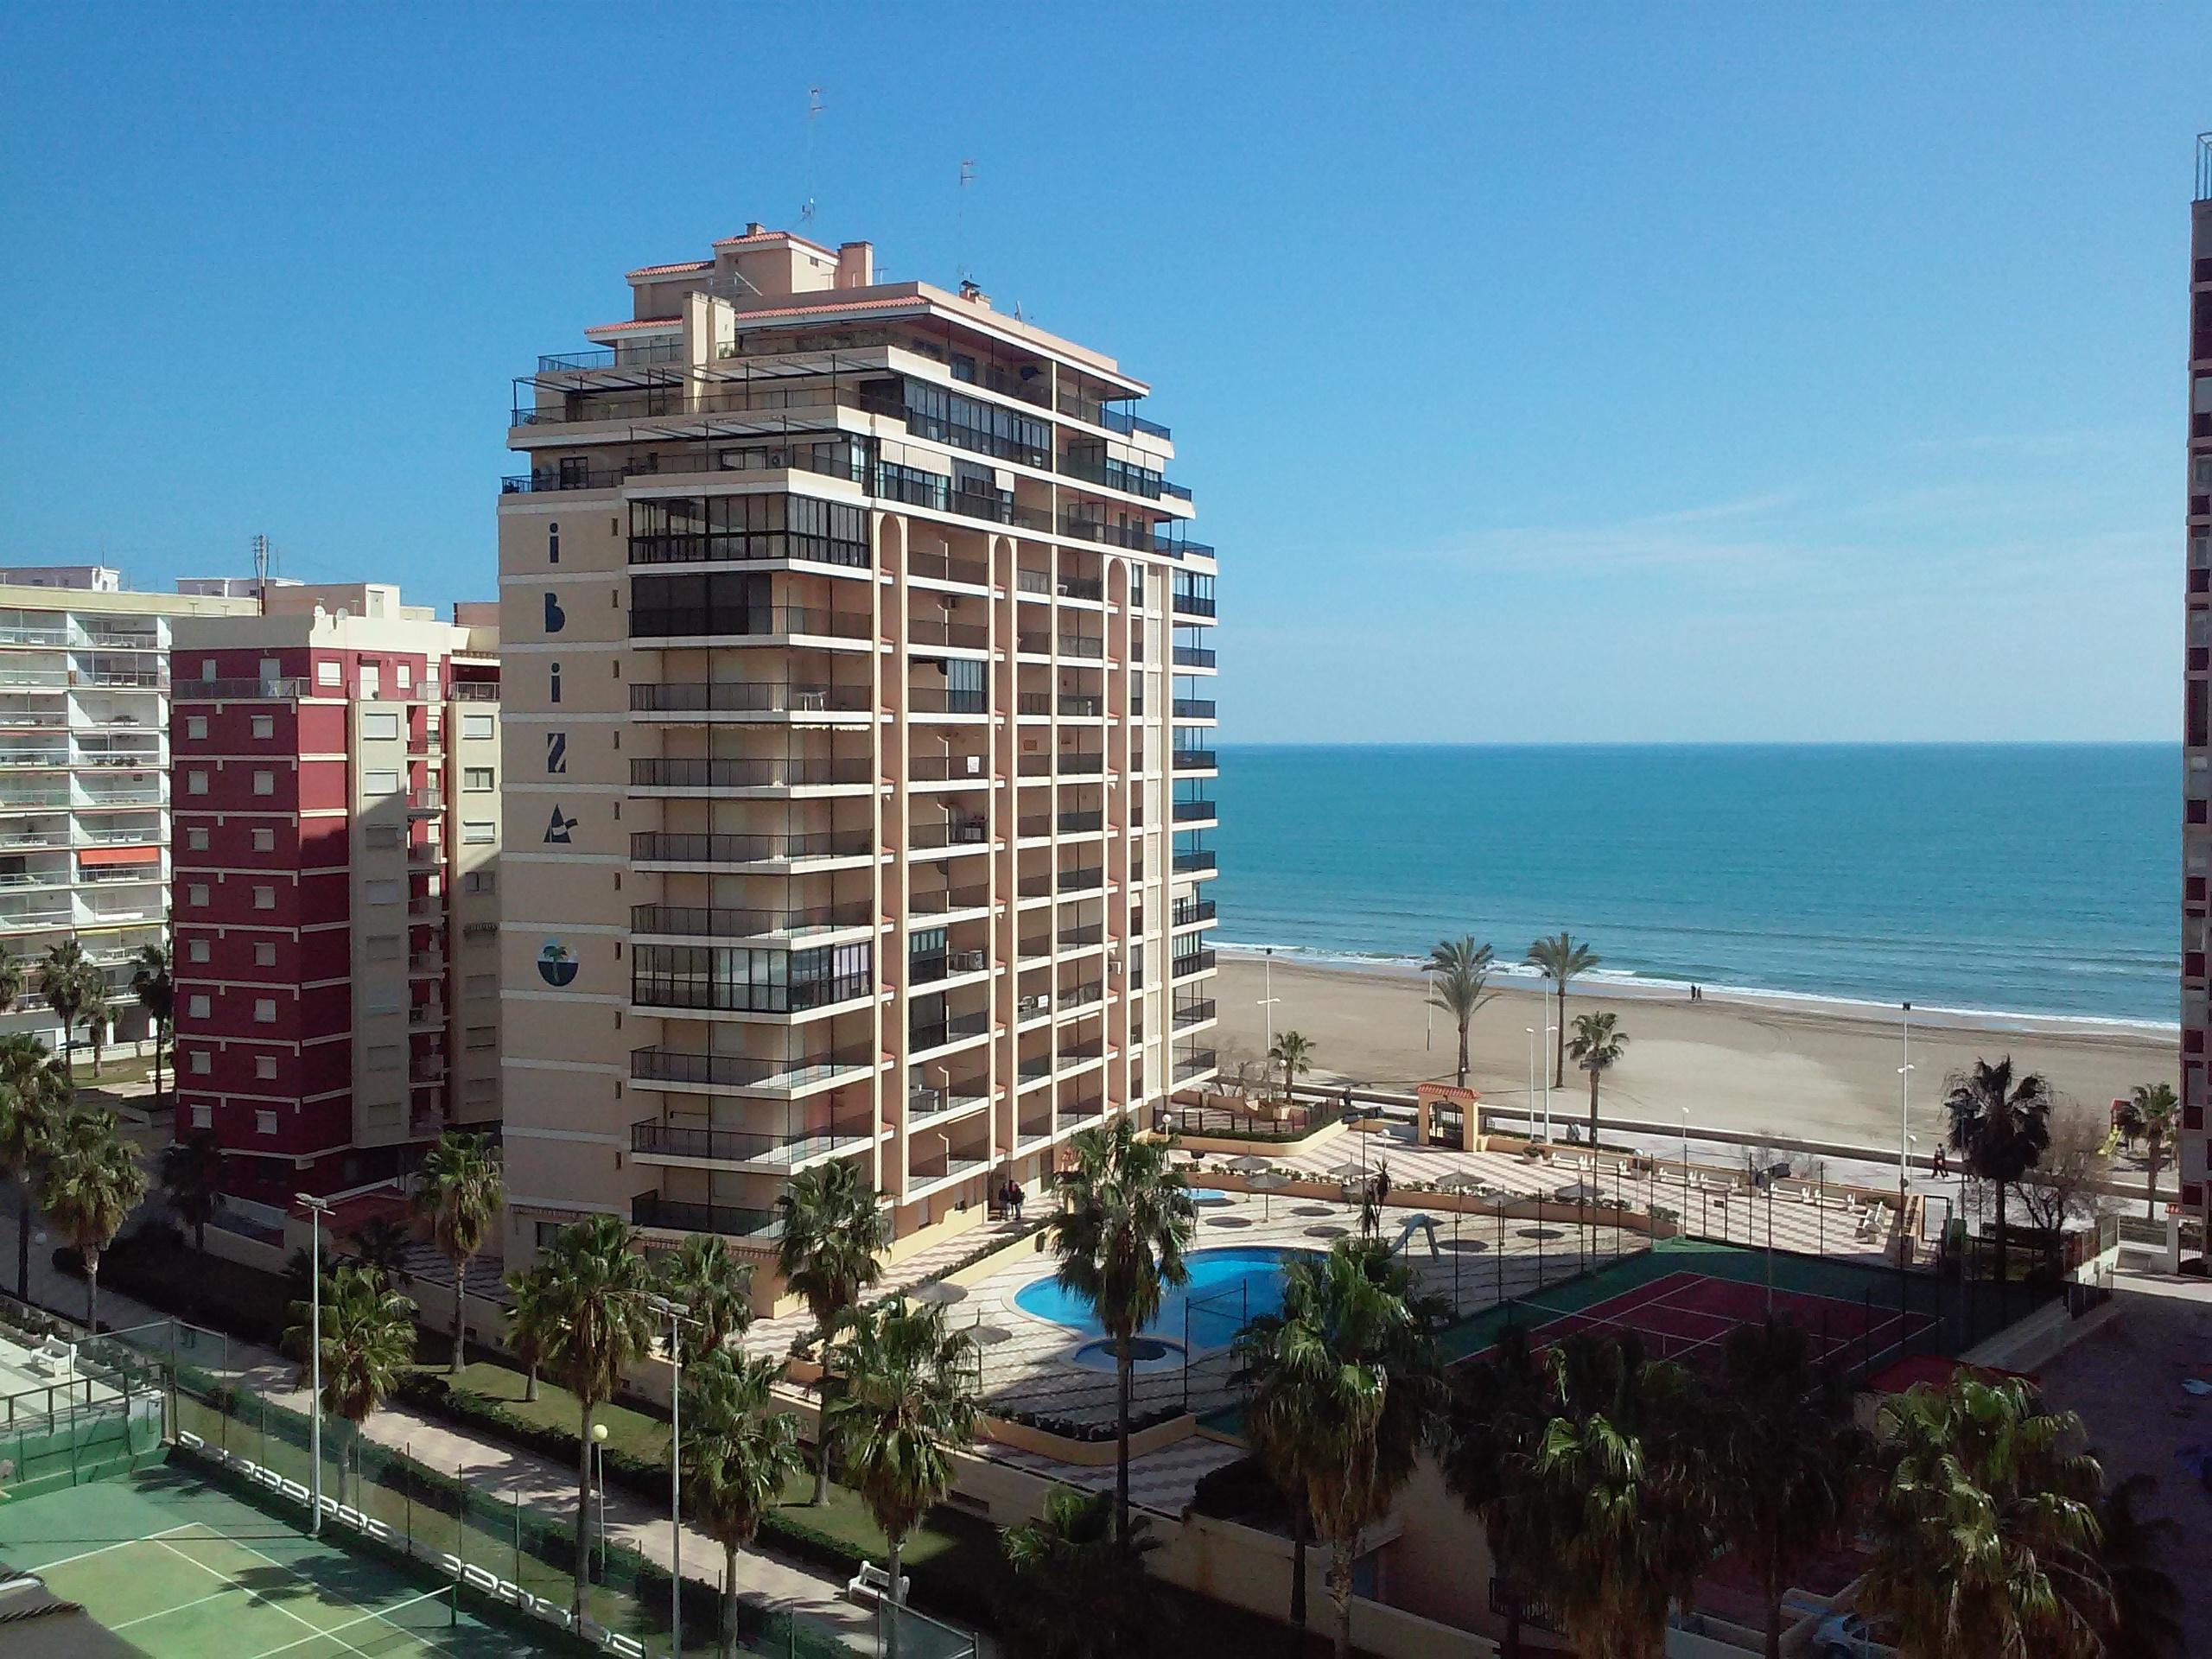 Inmobiliaria gestitur apartamento en segunda linea de playa rac 4346 inmobiliaria cullera - Venta apartamentos playa cullera ...